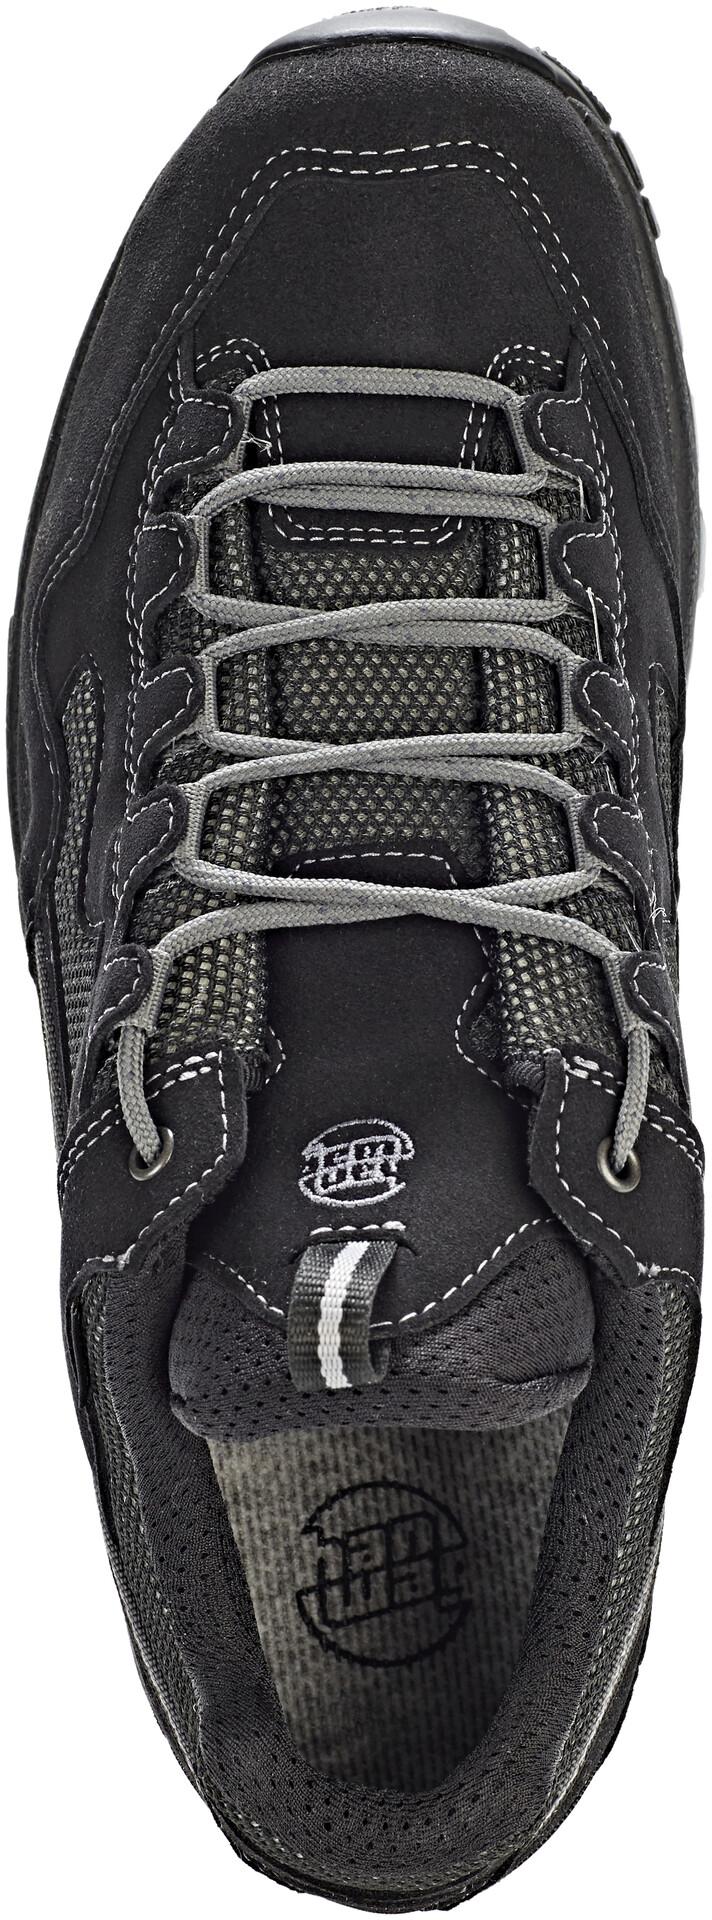 Details zu HANWAG Walking Schuhe Performance GTX Größe 8 42 Asphalt